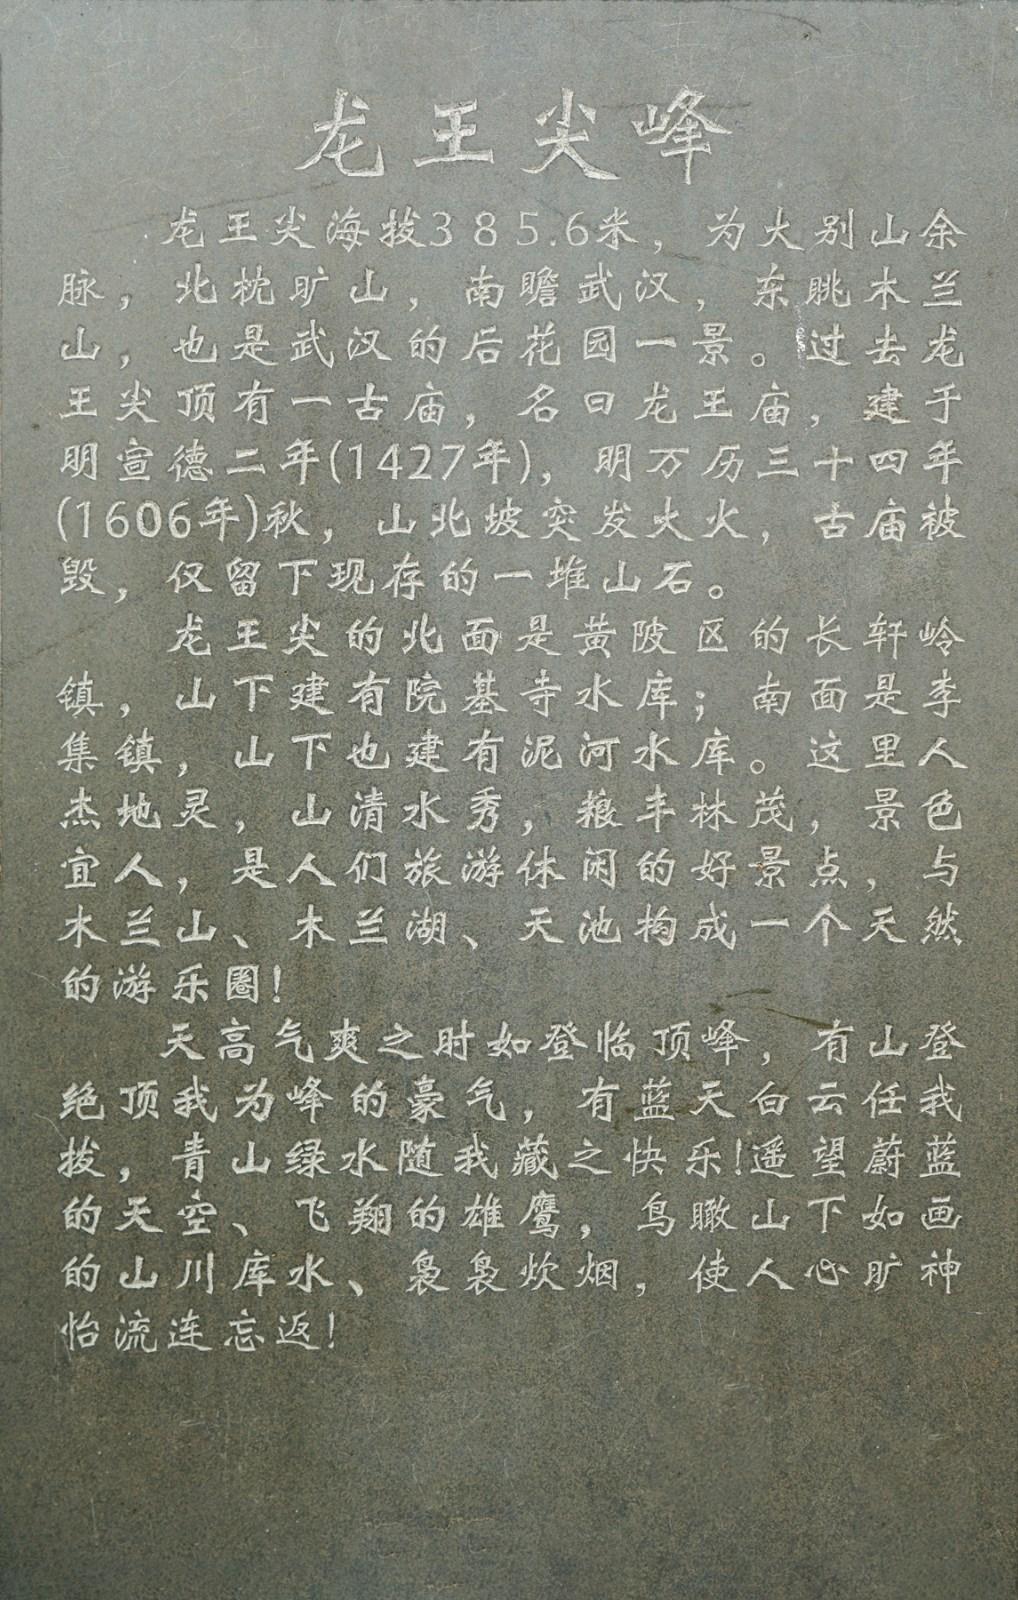 DSC9826_副本.jpg